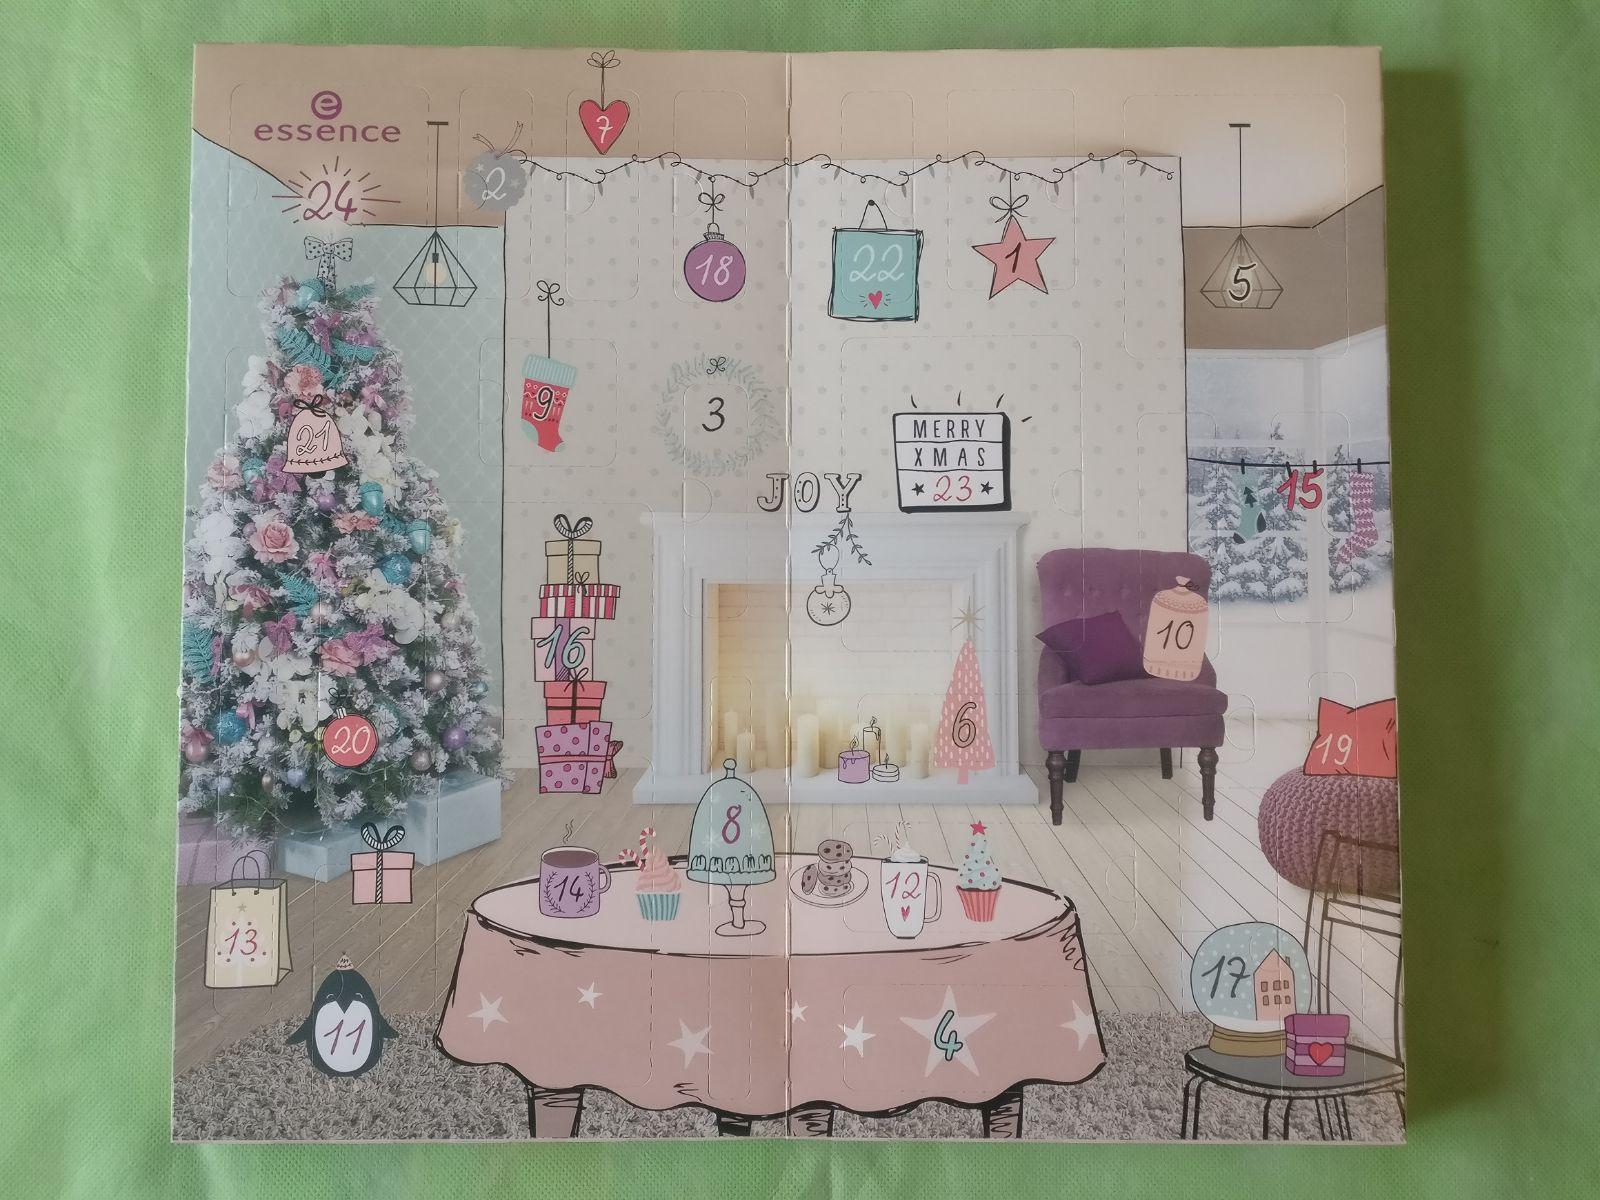 Calendario Dellavvento Essence.Calendario Dell Avvento Essence 1 2 3 Dicembre Trucco